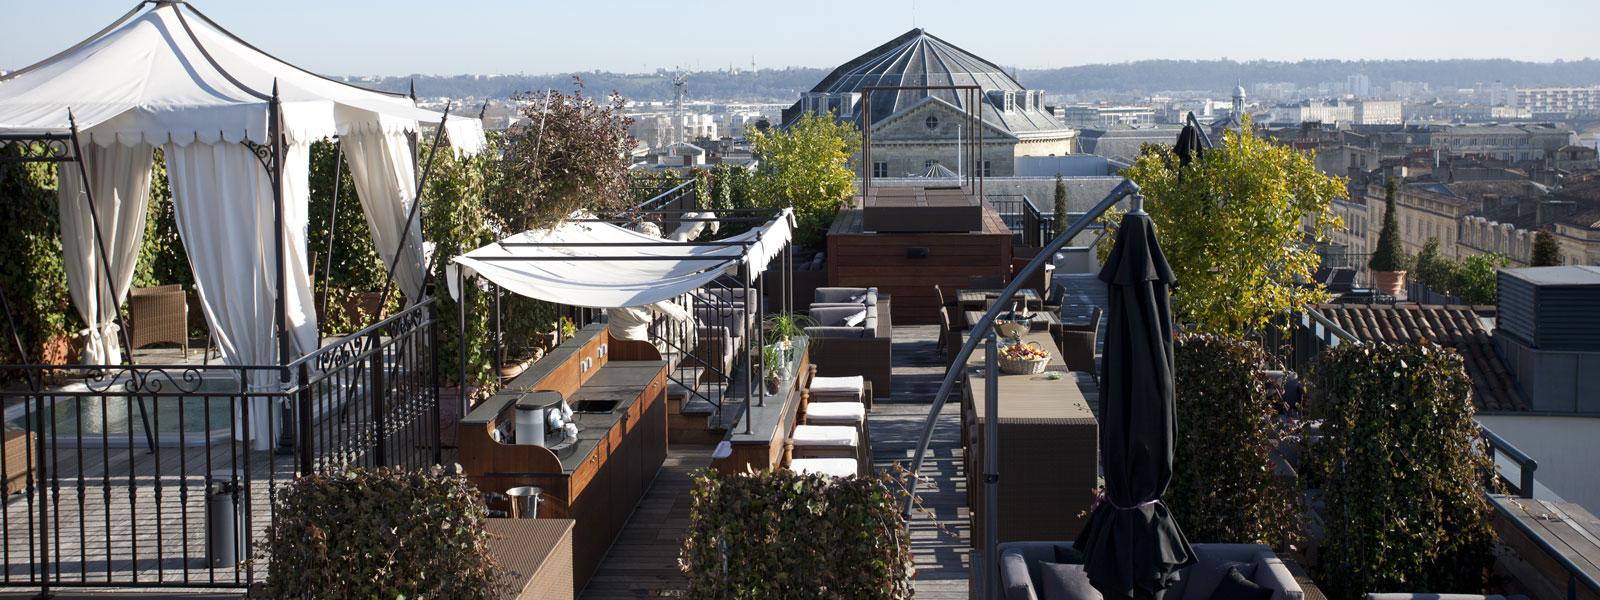 La terrasse for La boutique hotel de bordeaux